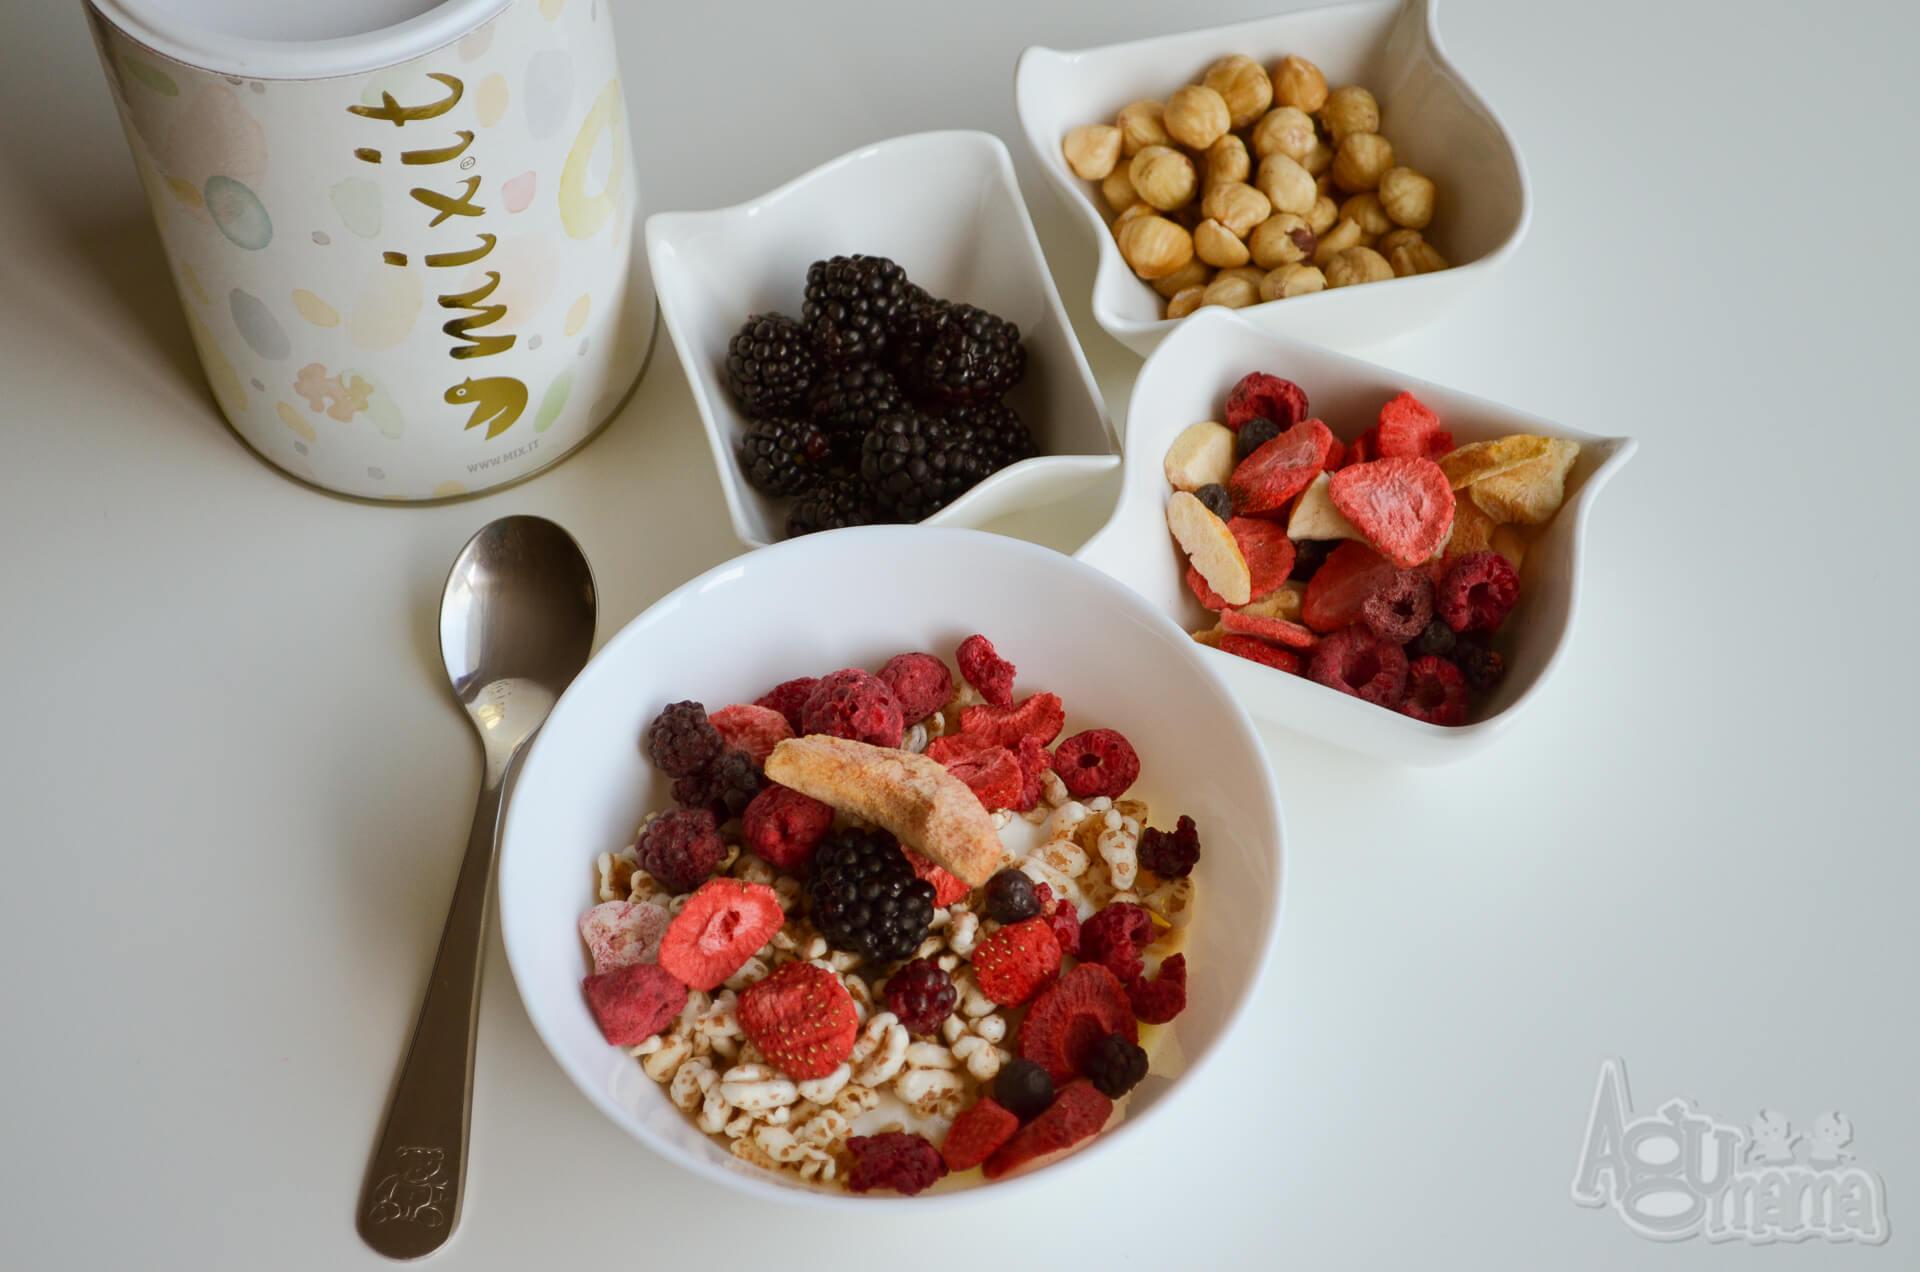 zdrowe śniadanie cały kolorowy i pyszny zestaw